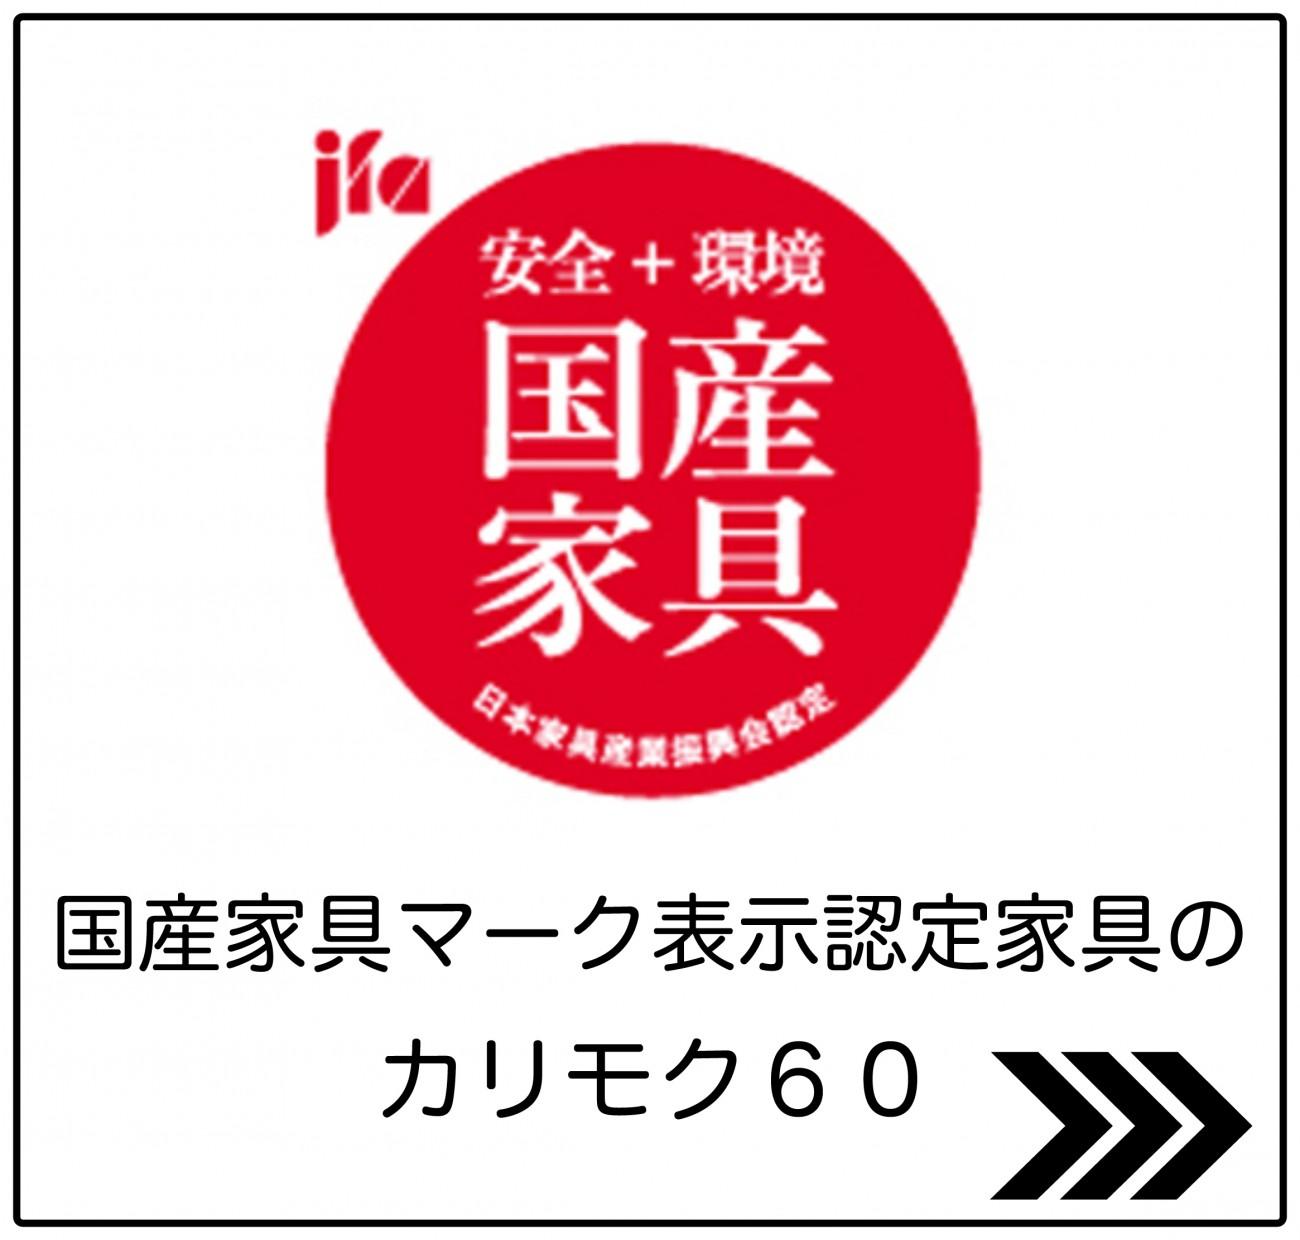 カリモク60の保証書の国産家具マーク表示認定マーク